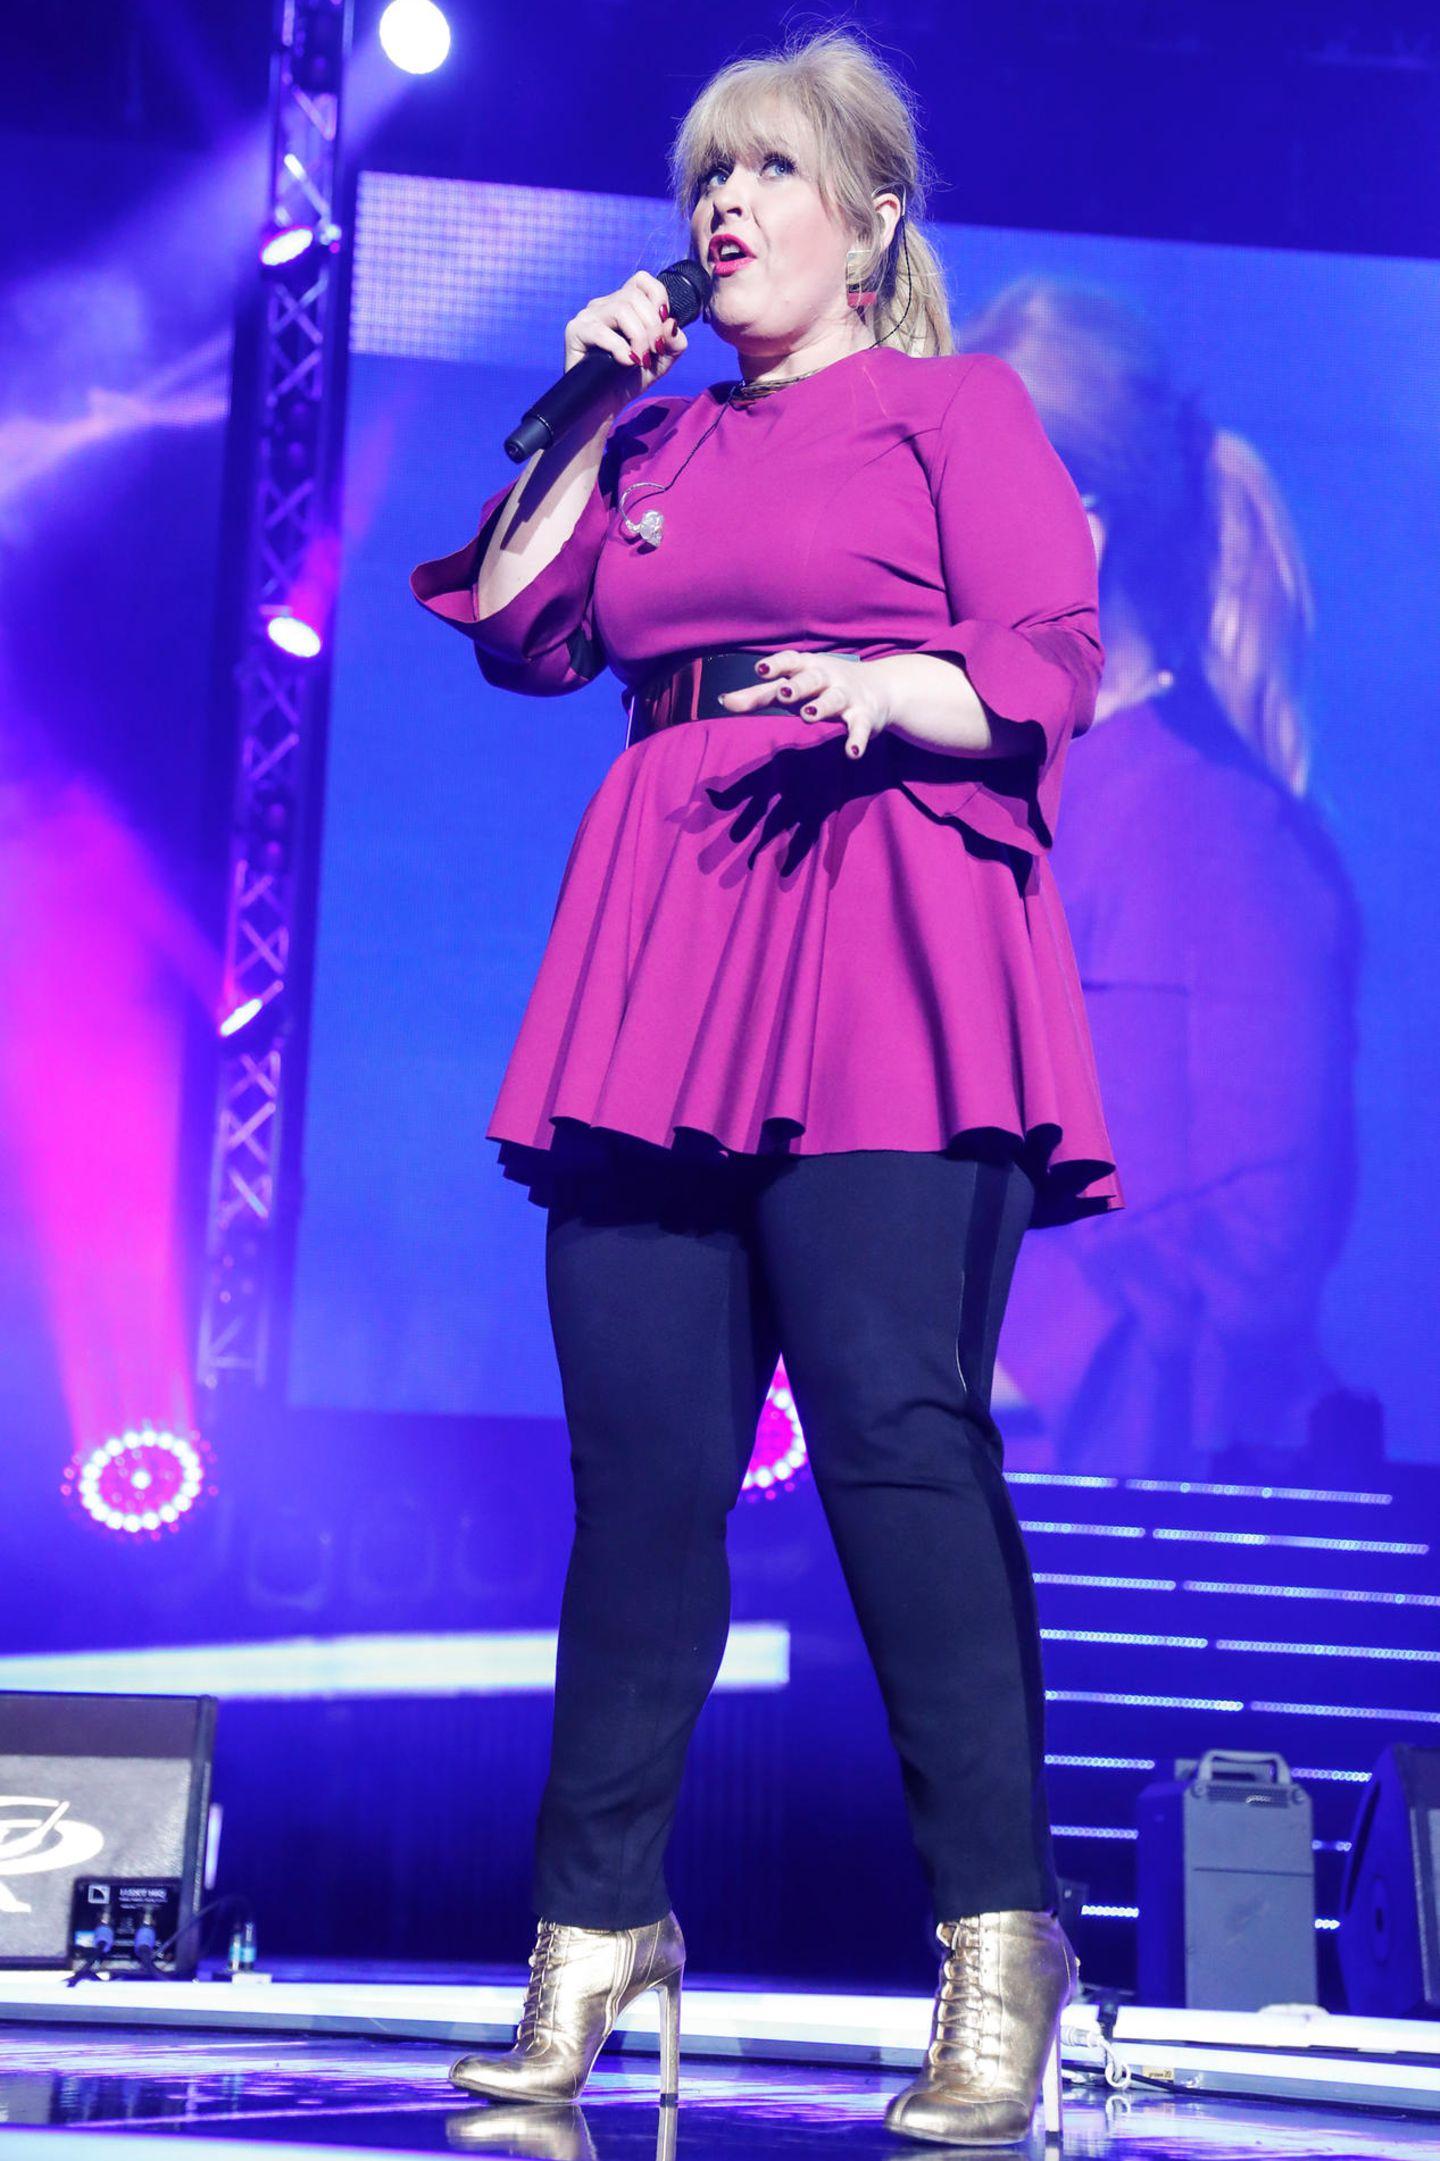 """Bei der """"Schlagernacht des Jahres"""" in Hamburg glänzte Maite Kelly in einem kurzen A-Linien-Kleid und blickdichter Leggings auf der Bühne. Ein Gürtel und der Schnitt des Kleides betonen ganz deutlich, dass die Sängerin erneut einige Kilos abgespeckt hat."""